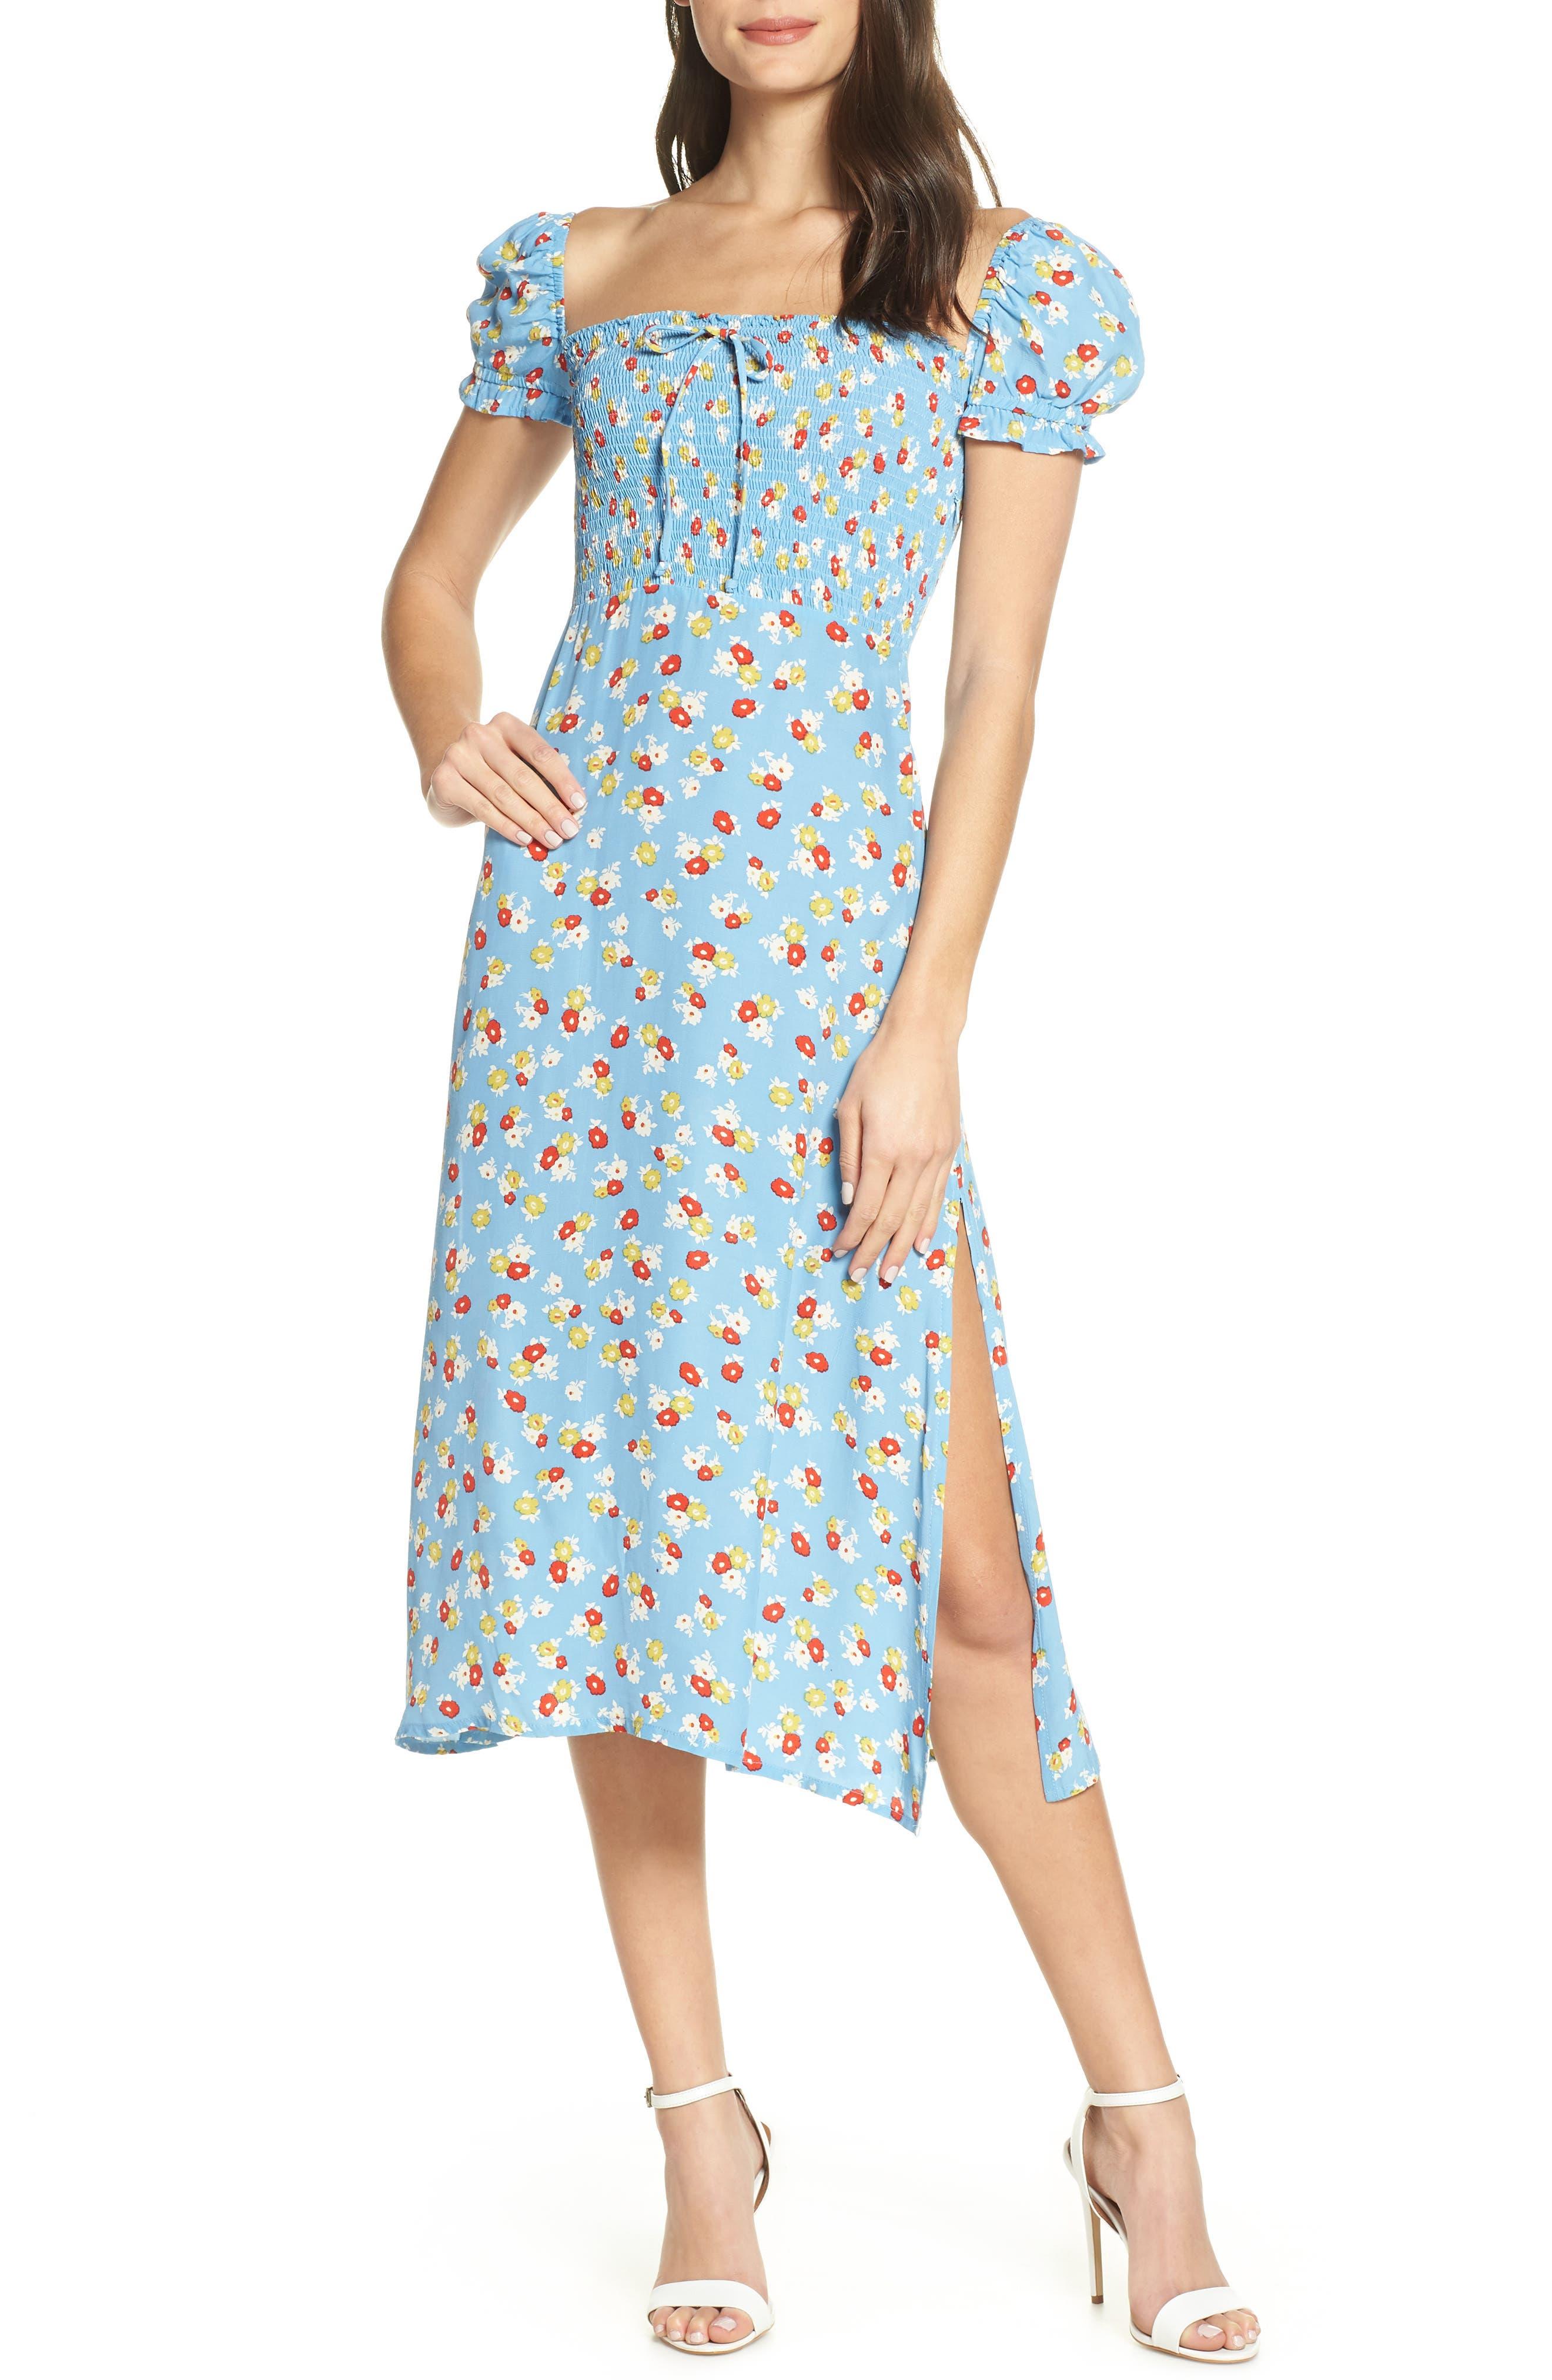 FAITHFULL THE BRAND Castilo Jasmin Midi Dress, Main, color, JASMIN FLORAL PRINT - BLUE